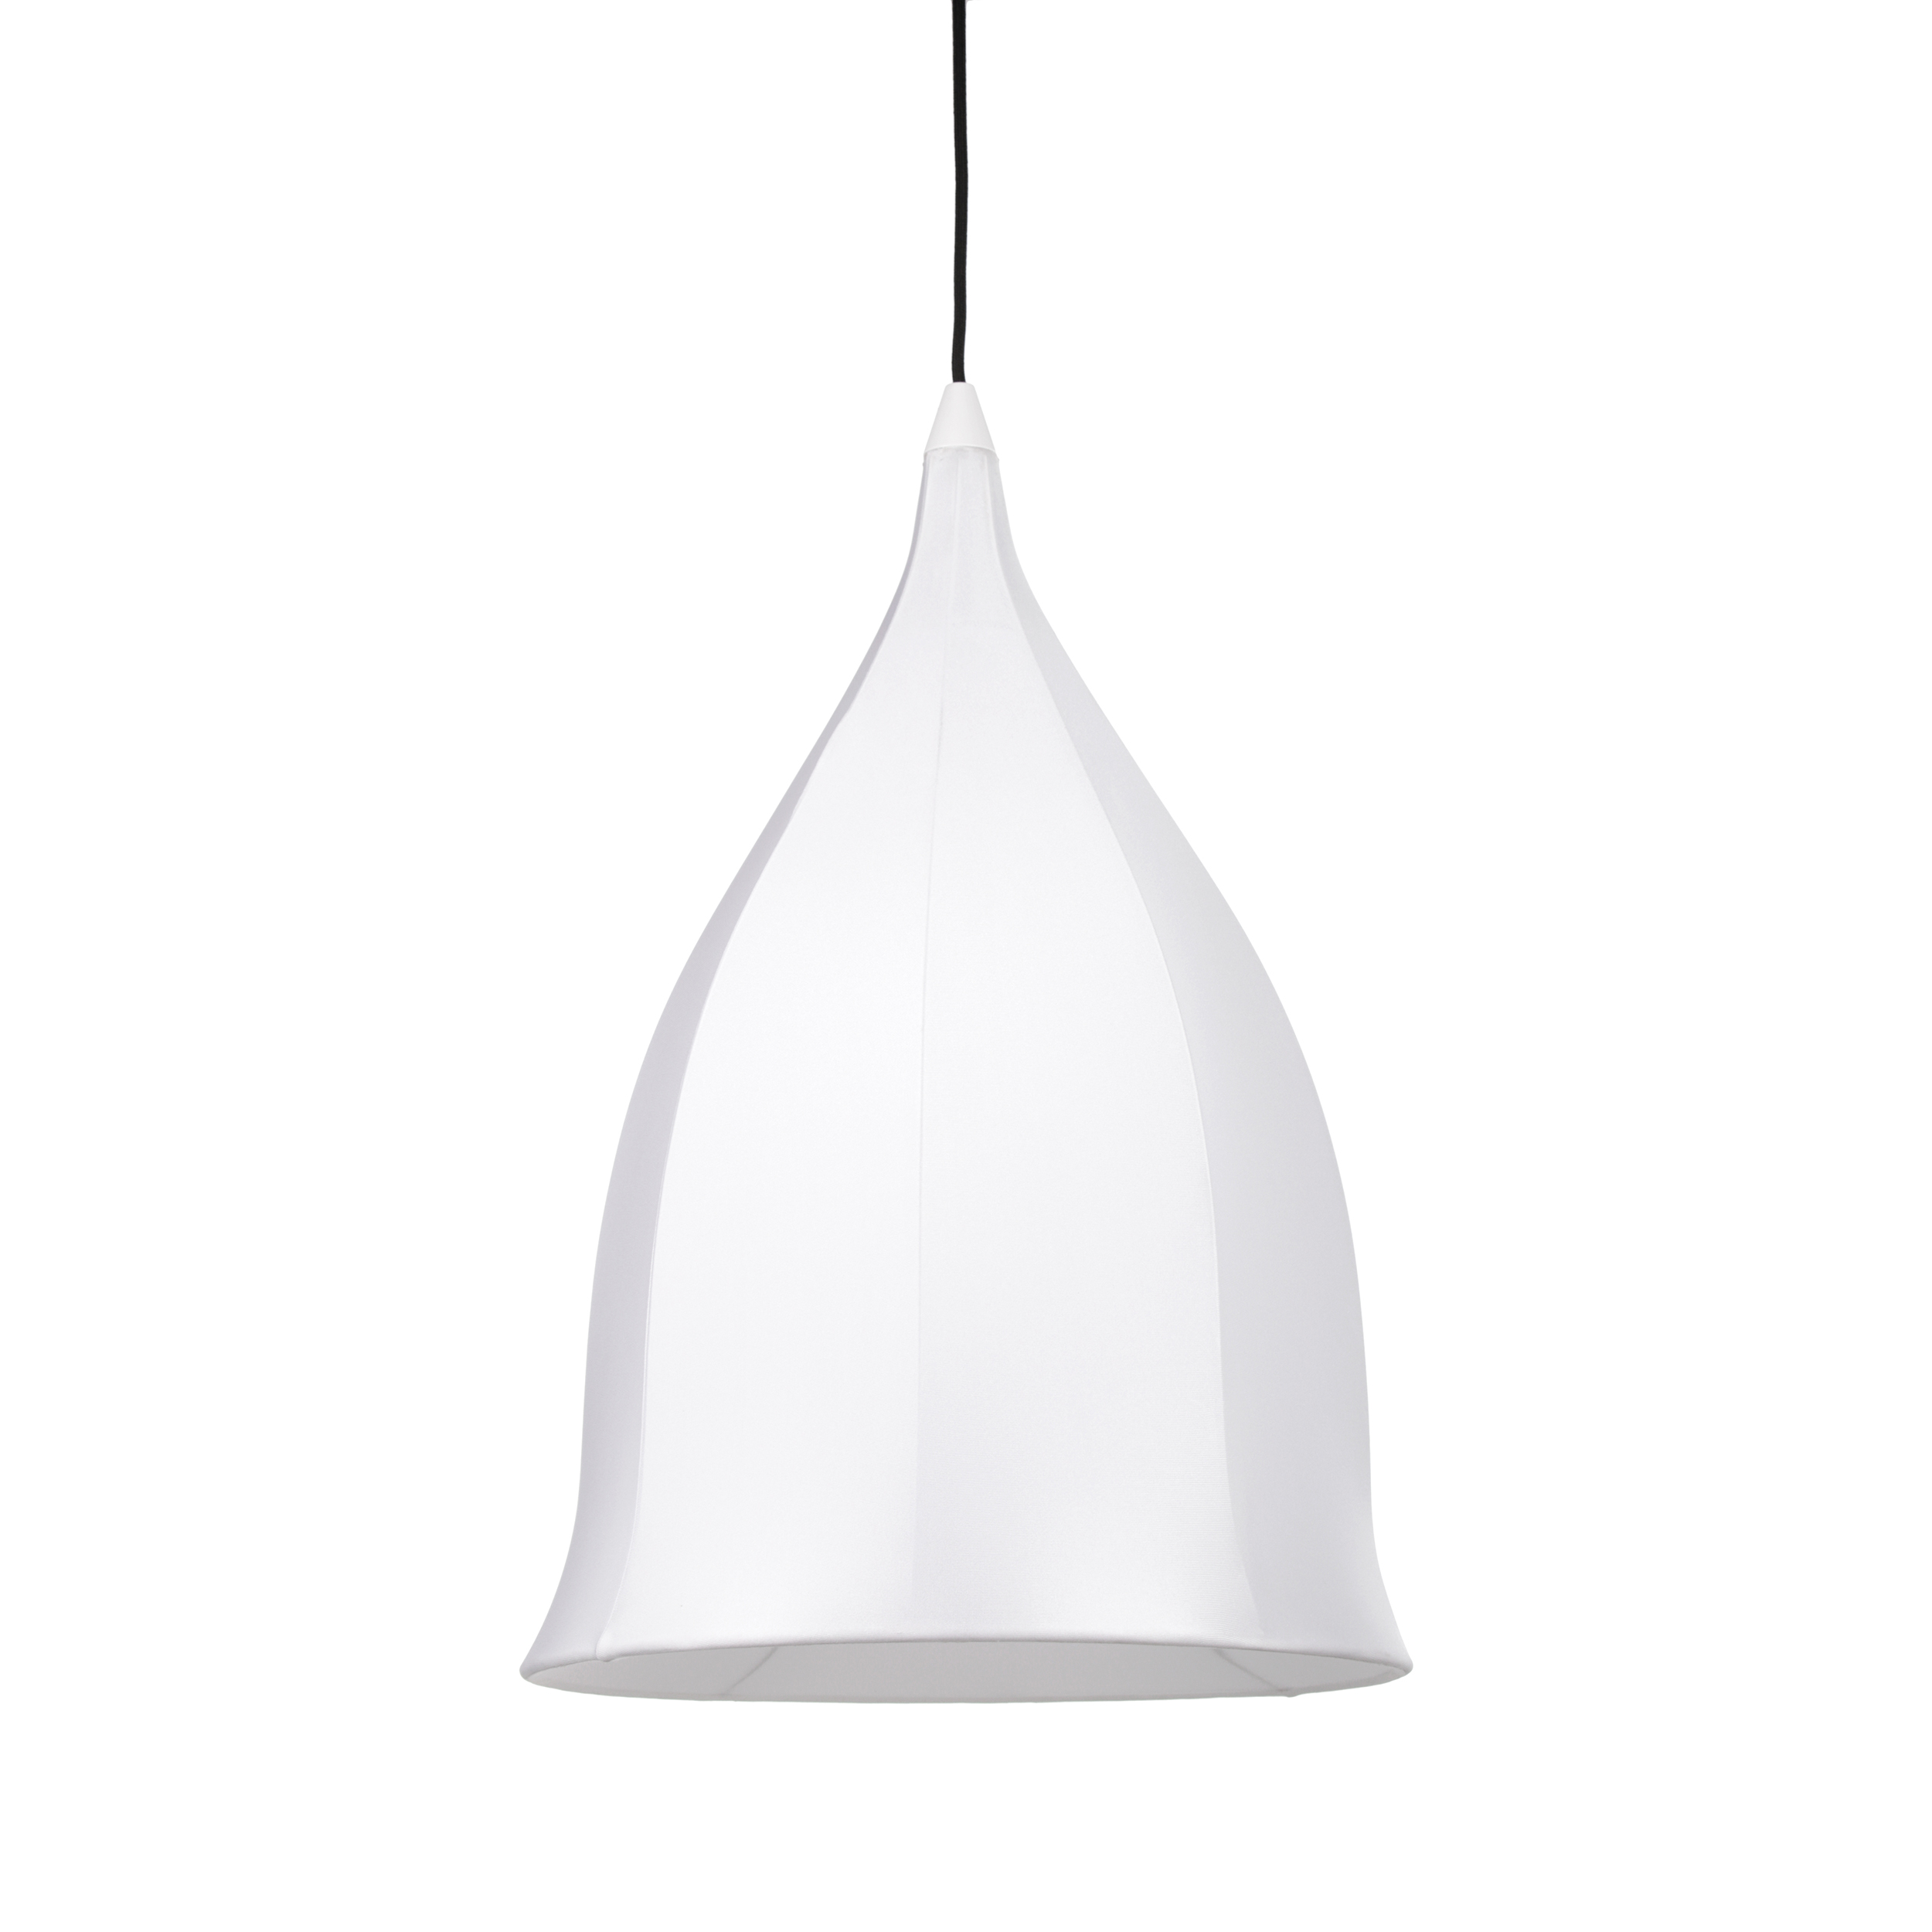 Подвесной светильник Dome Modern диаметр 40